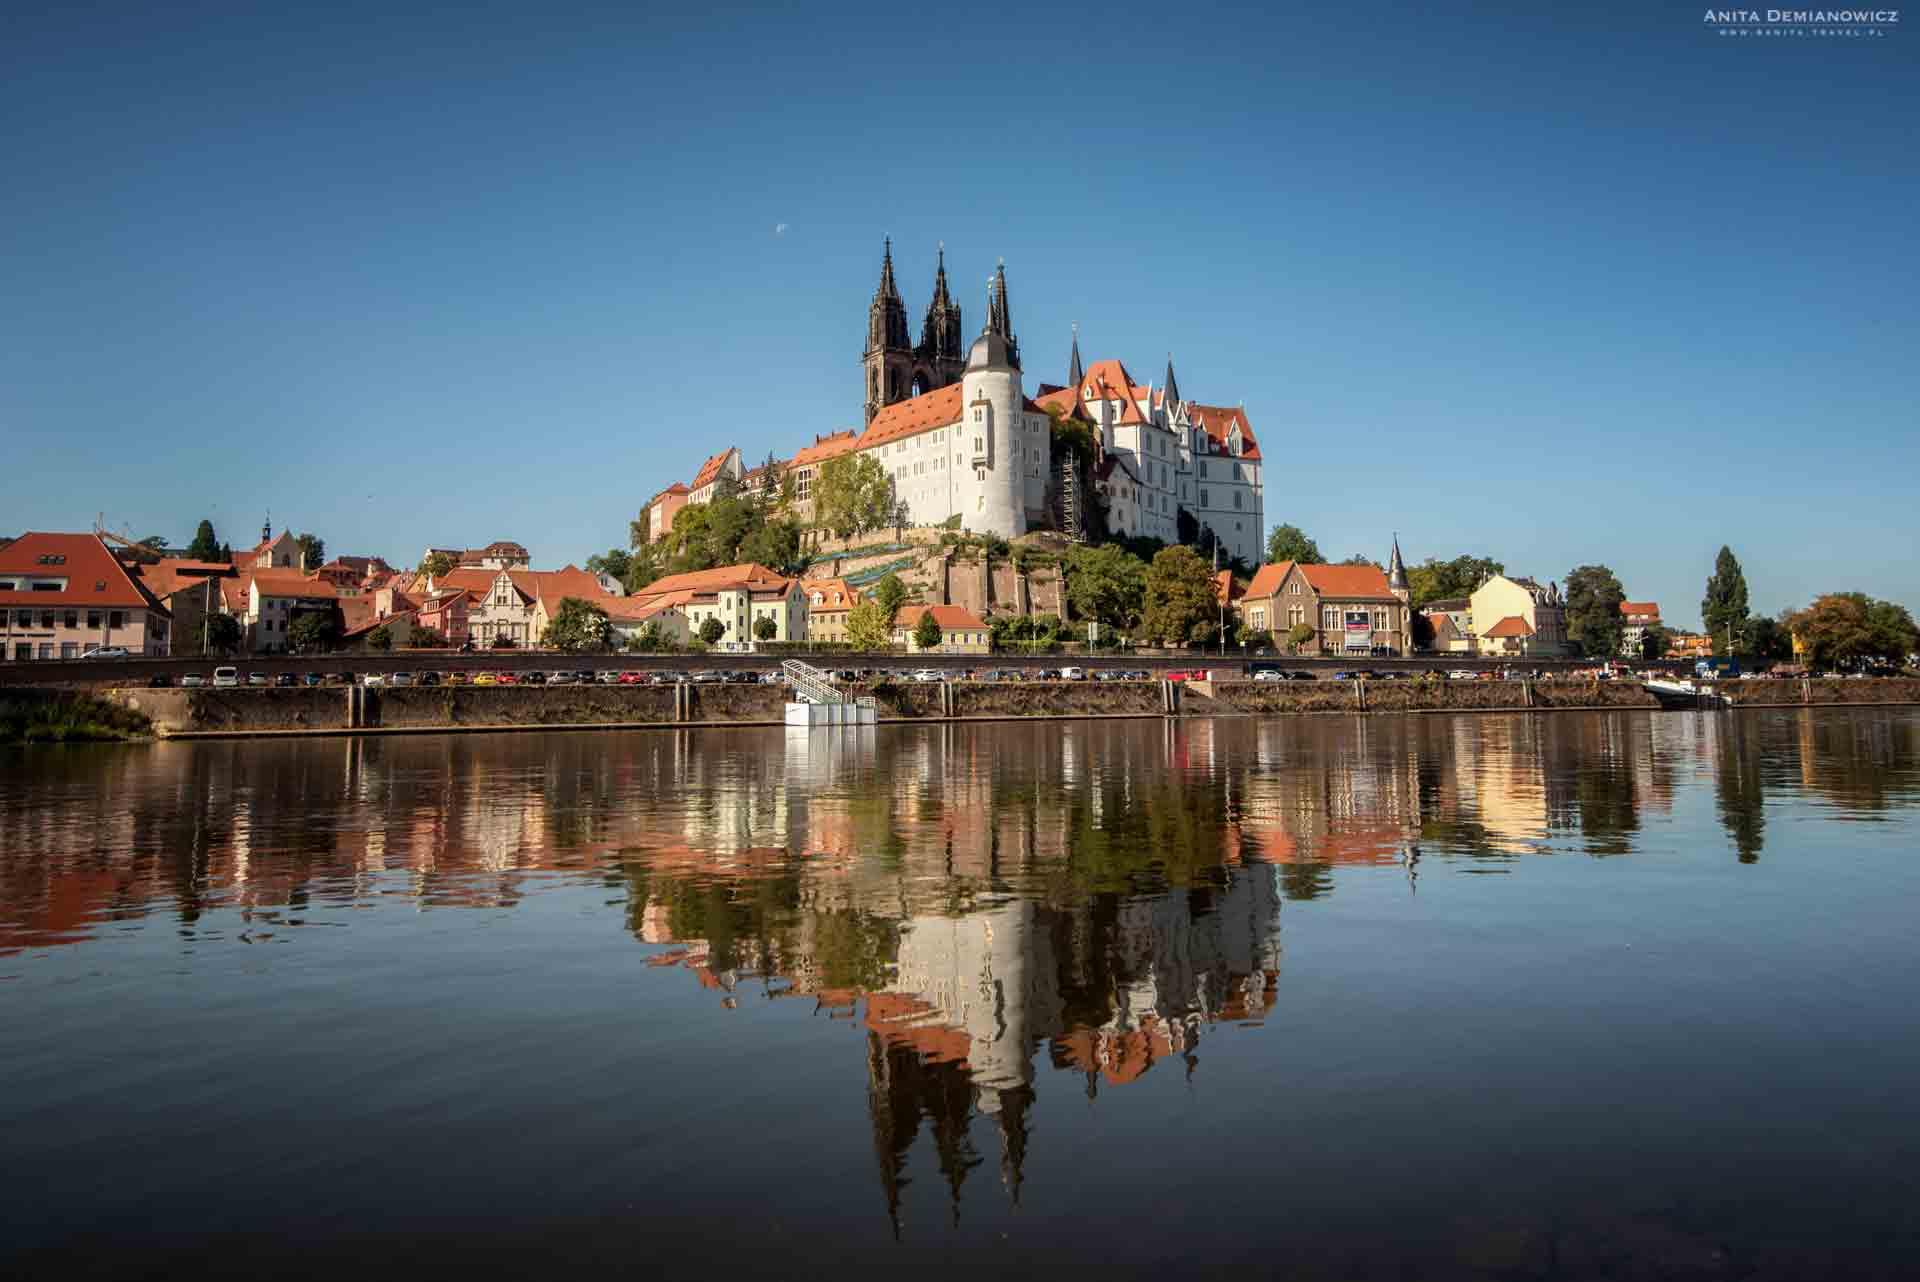 Zamki-i-pałace-w-Saksonii,